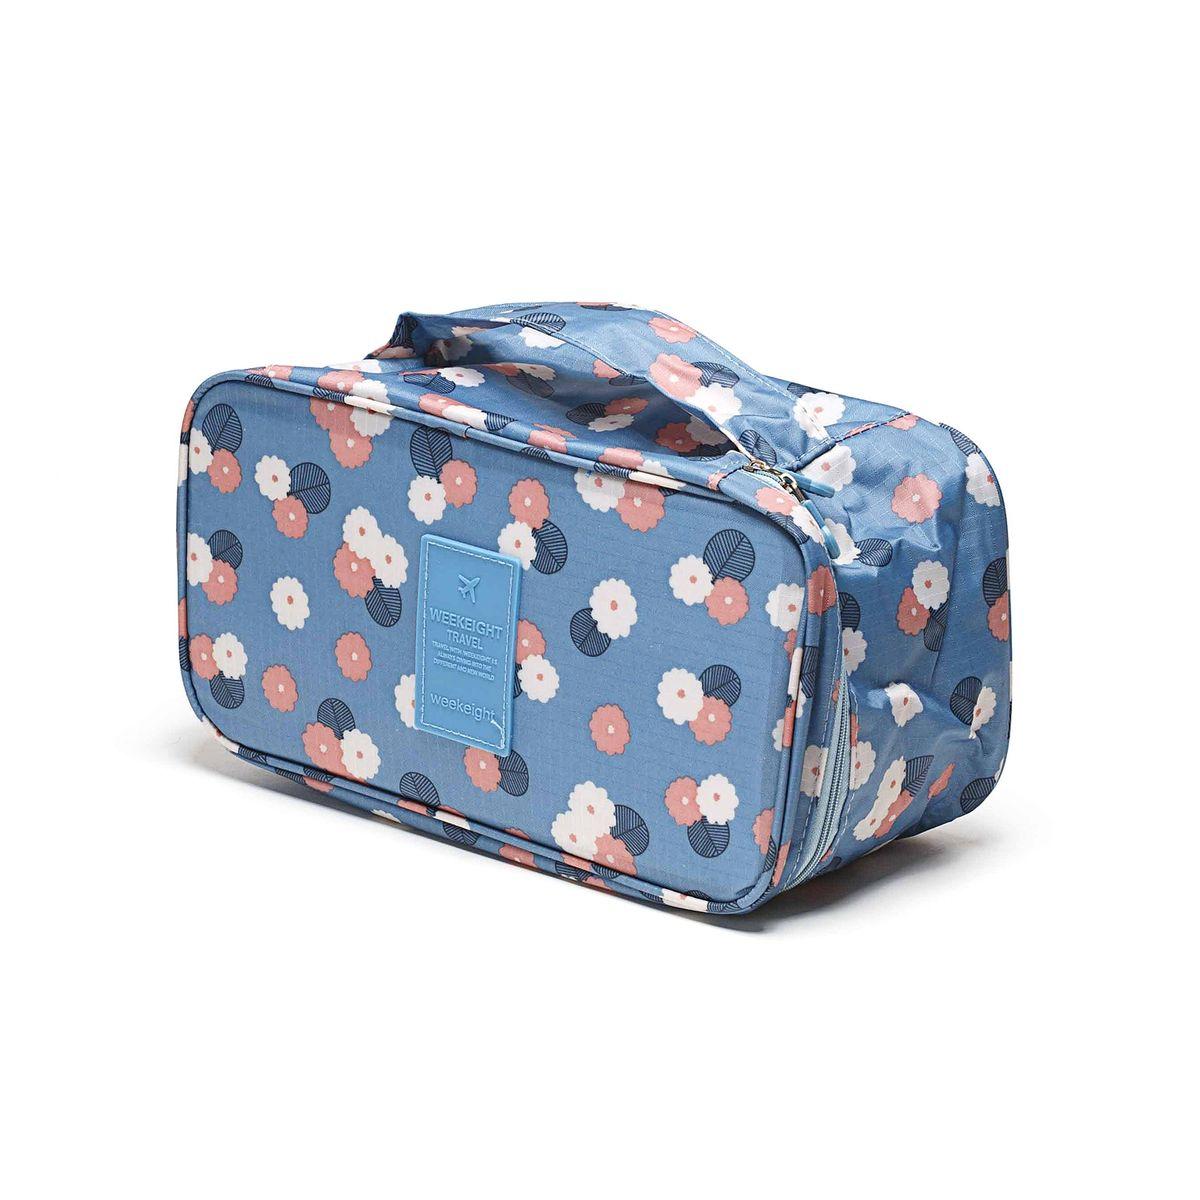 Косметичка-органайзер Homsu Цветок, цвет: синий, белый, розовый, 28 x 13 x 15 смHOM-354Косметичка-органайзер Homsu Цветоквыполнена из высококачественного полиэстера.Закрывается изделие на застежку-молнию.Внутри имеется 4 отделения для мелочей, а такжедополнительная сумочка размером 22 х 14 см,которая крепится к косметичкепосредством липучки и надежно защищает вашивещи за счет удобной молнии. Теперь вы сможетевсегда брать с собой все, что вамможет понадобиться. Сверху органайзера имеетсяручка для удобной переноски. Косметичка-органайзер Homsu Цветок станетнезаменимым аксессуаром для любой девушки.Размер косметички: 28 х 13 х 15 см.Размер сумочки: 22 х 14 см.